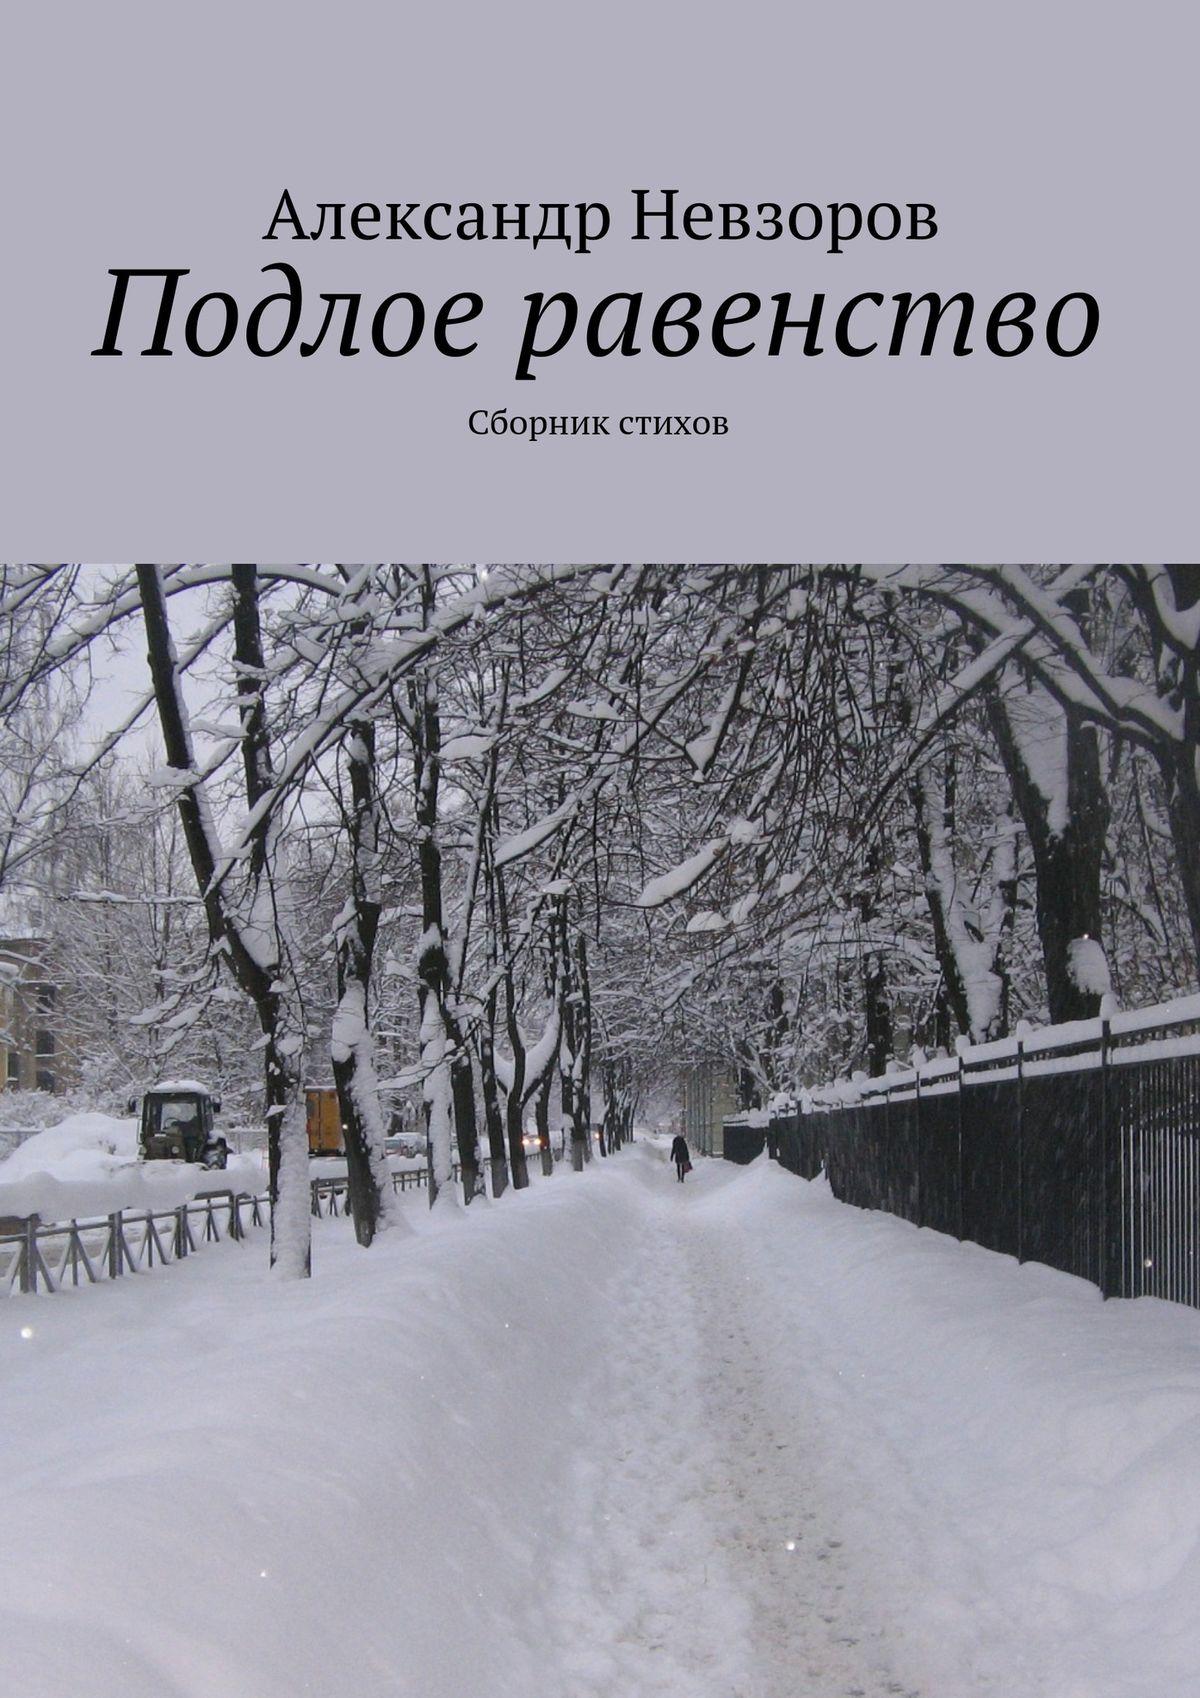 Александр Невзоров Подлое равенство. Сборник стихов